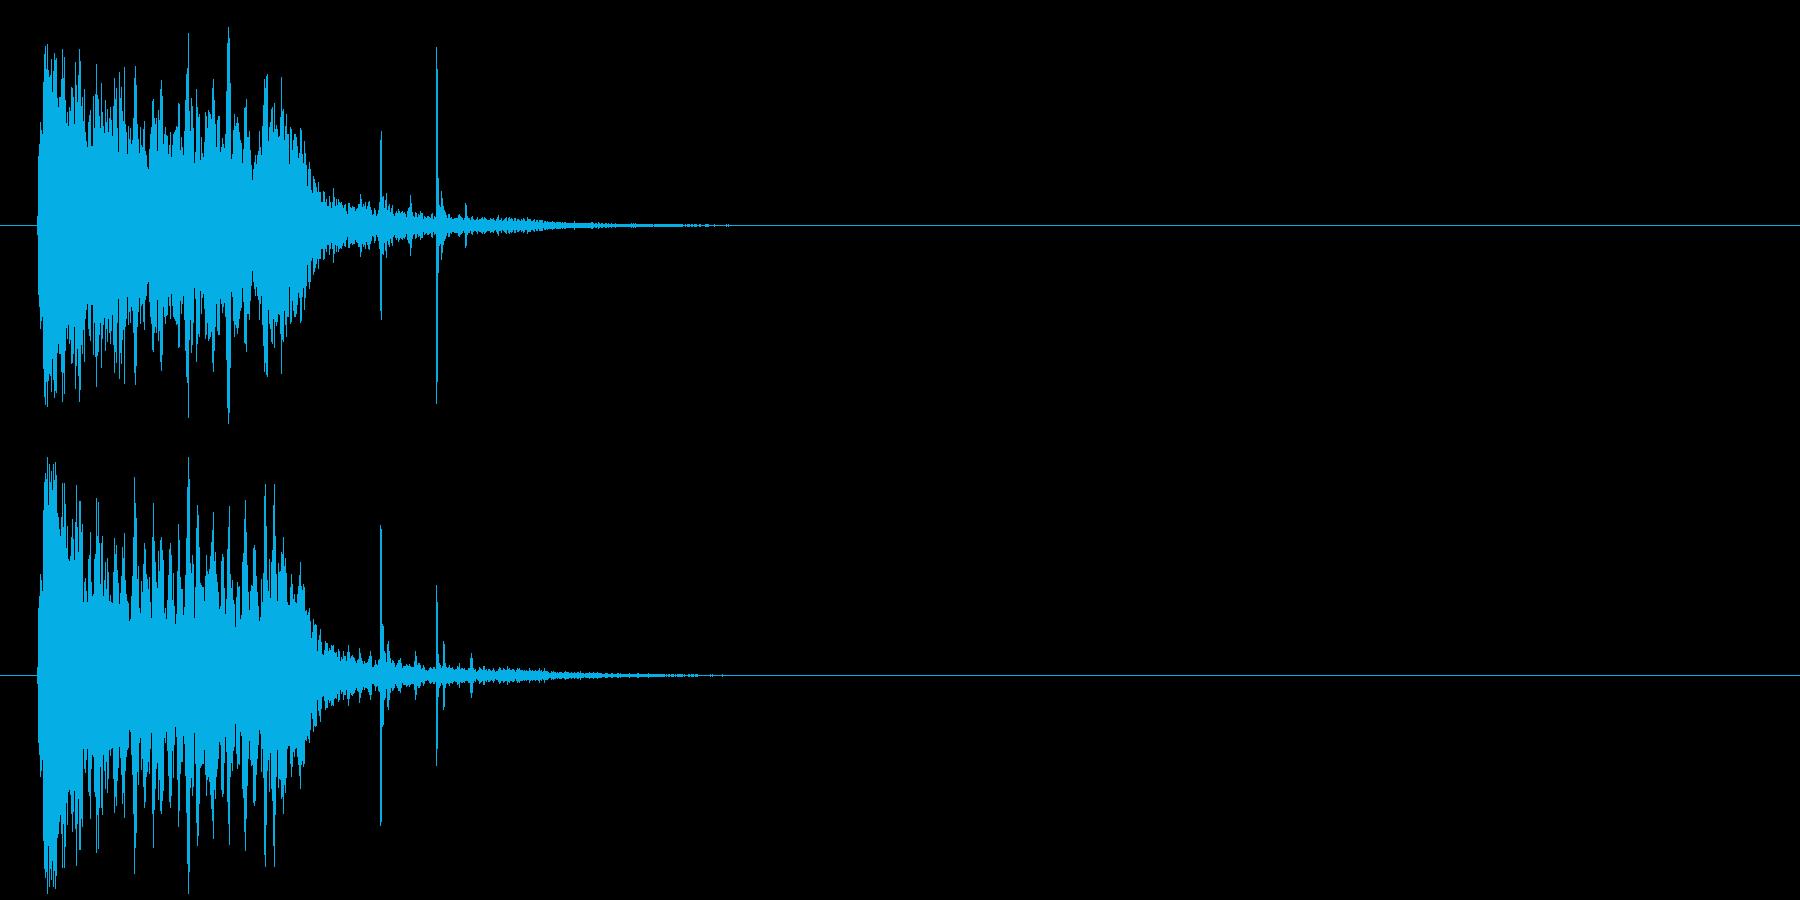 ズッコケ 場面転換 コミカル コントの再生済みの波形